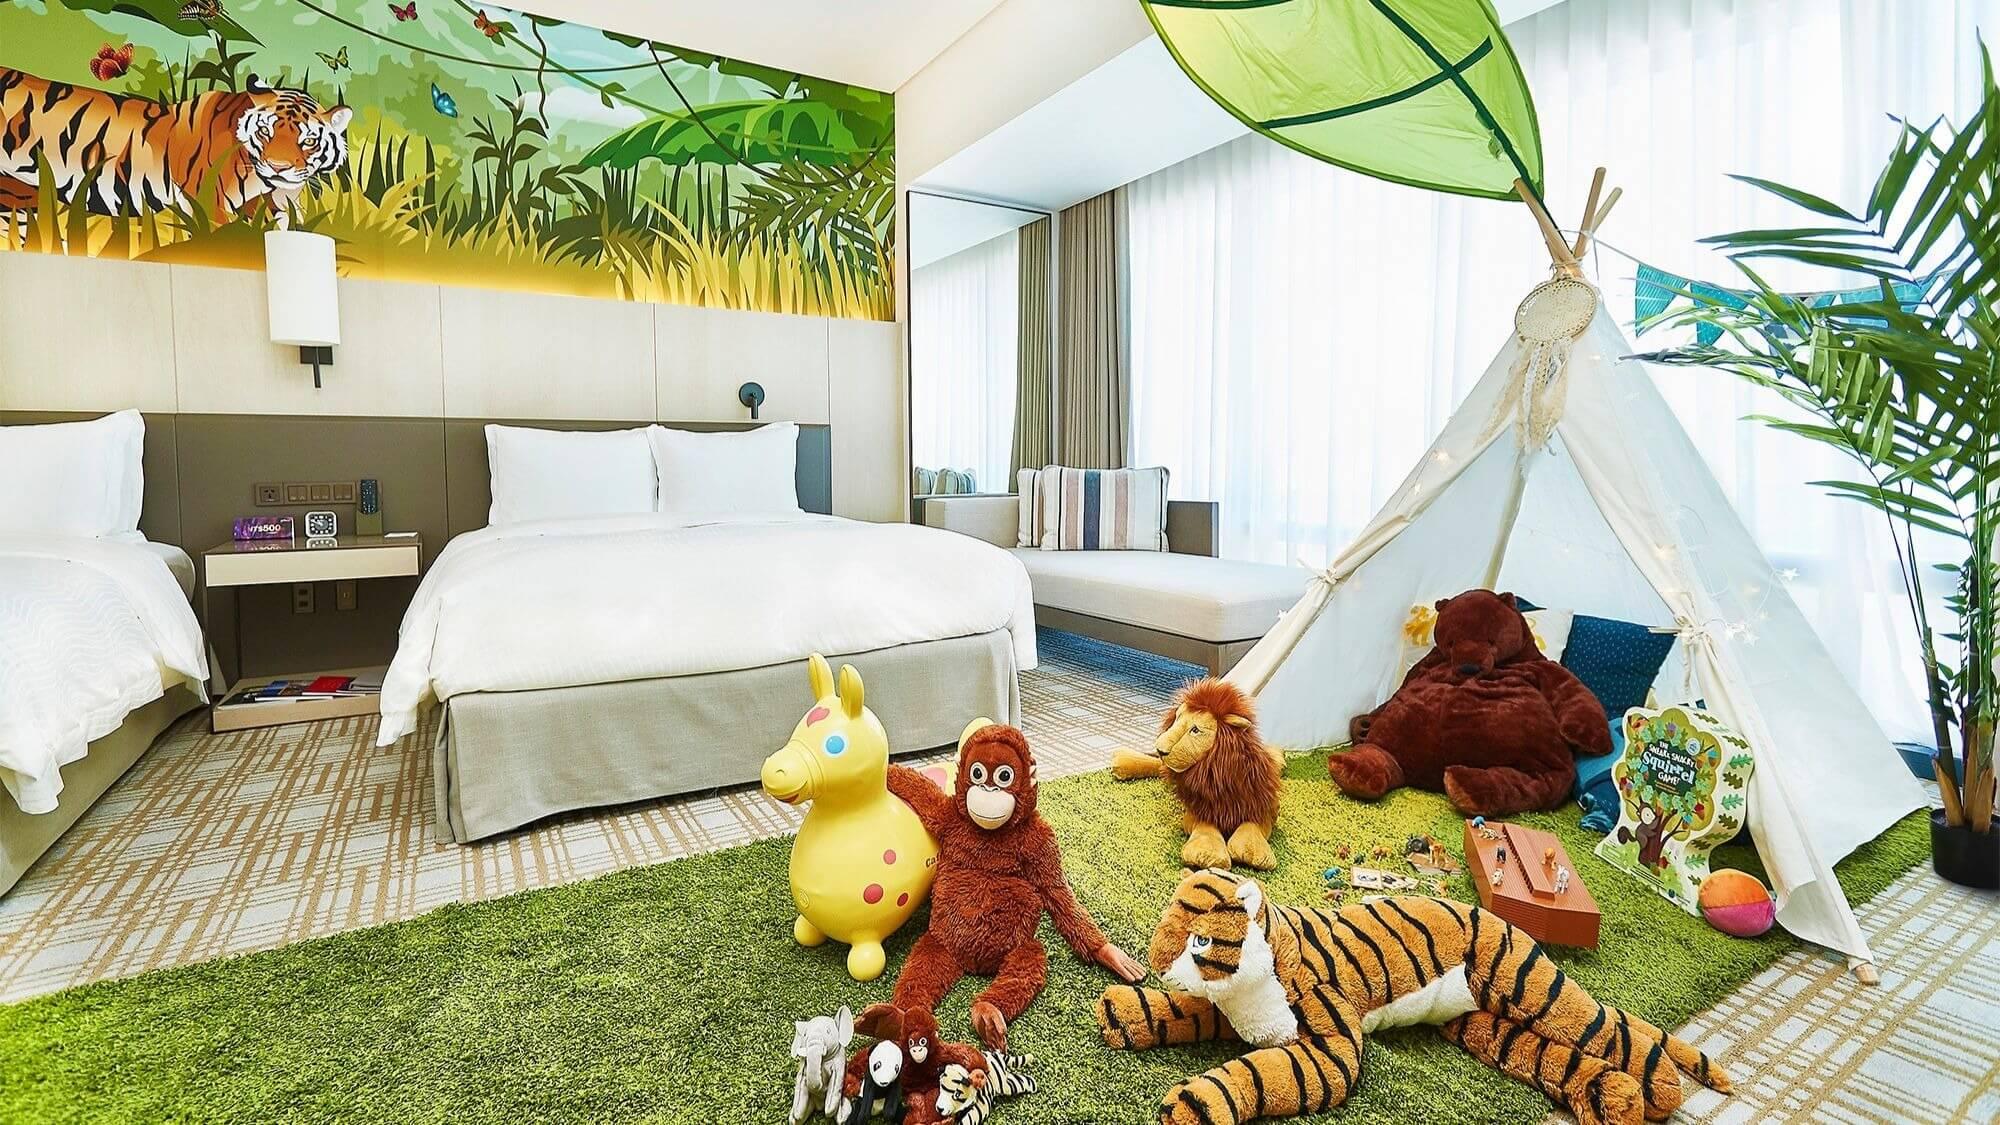 台北萬豪酒店「叢林探險趣」住房專案。(圖/台北萬豪酒店提供)